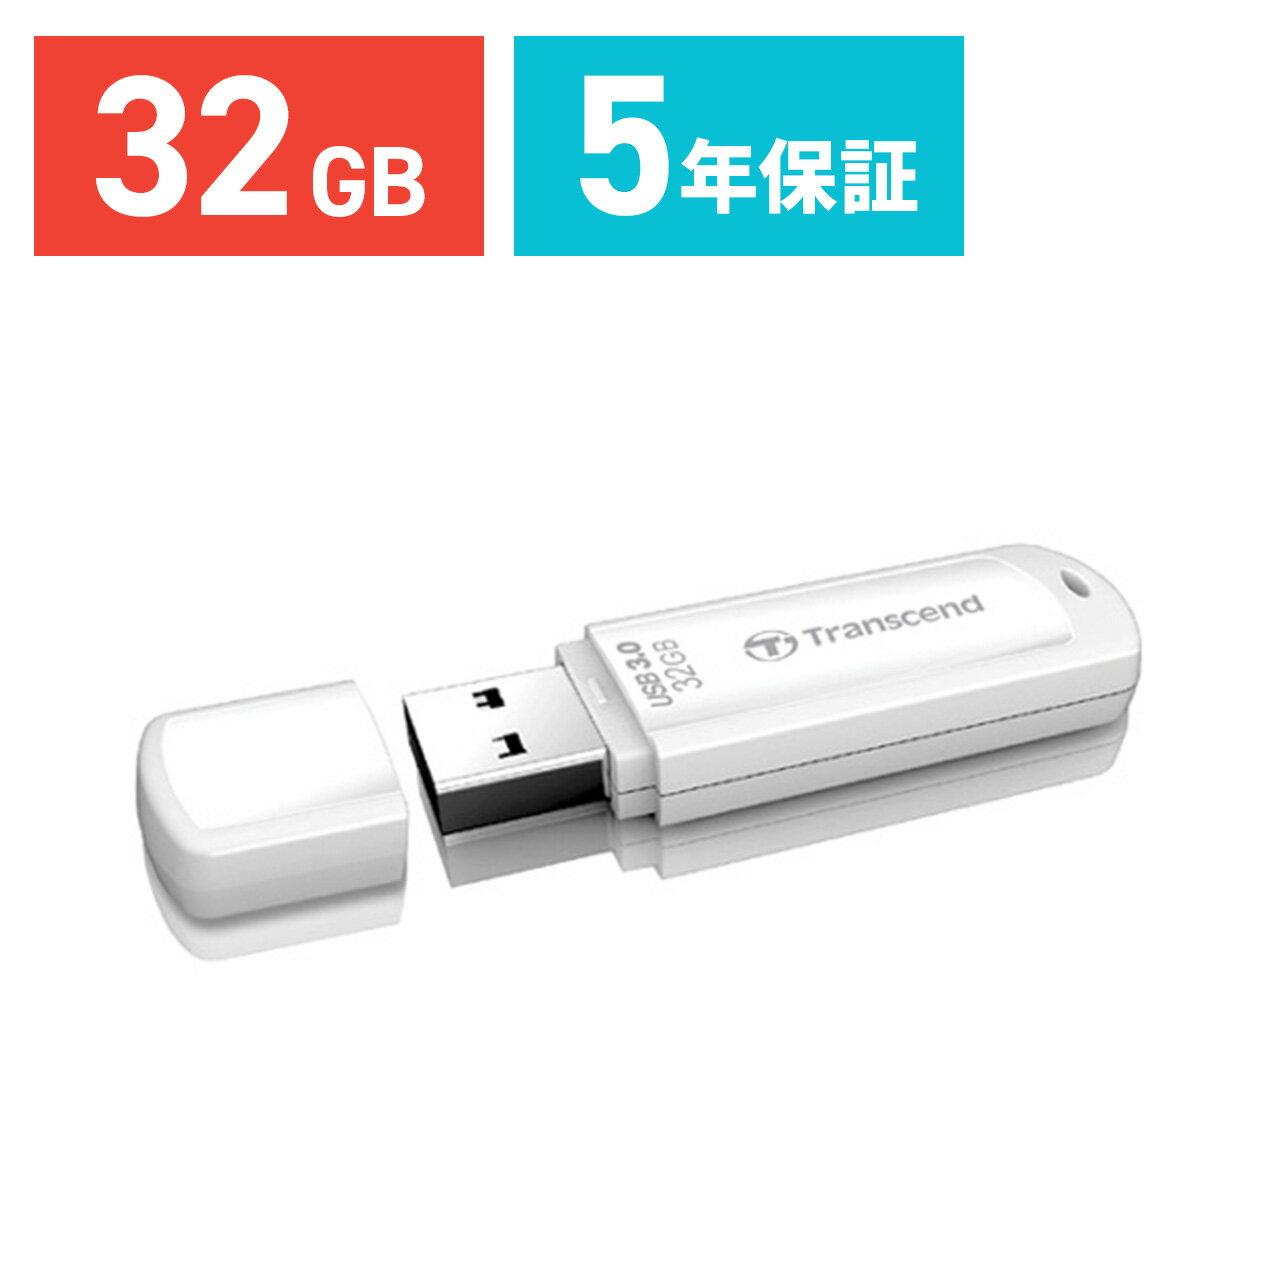 【6月14日値下げしました】【ネコポス専用】Transcend USBメモリ 32GB USB3.0 JetFlash730 光沢ホワイトボディ USBメモリー 高速 大容量 入学 卒業[TS32GJF730]【今だけ送料無料!】